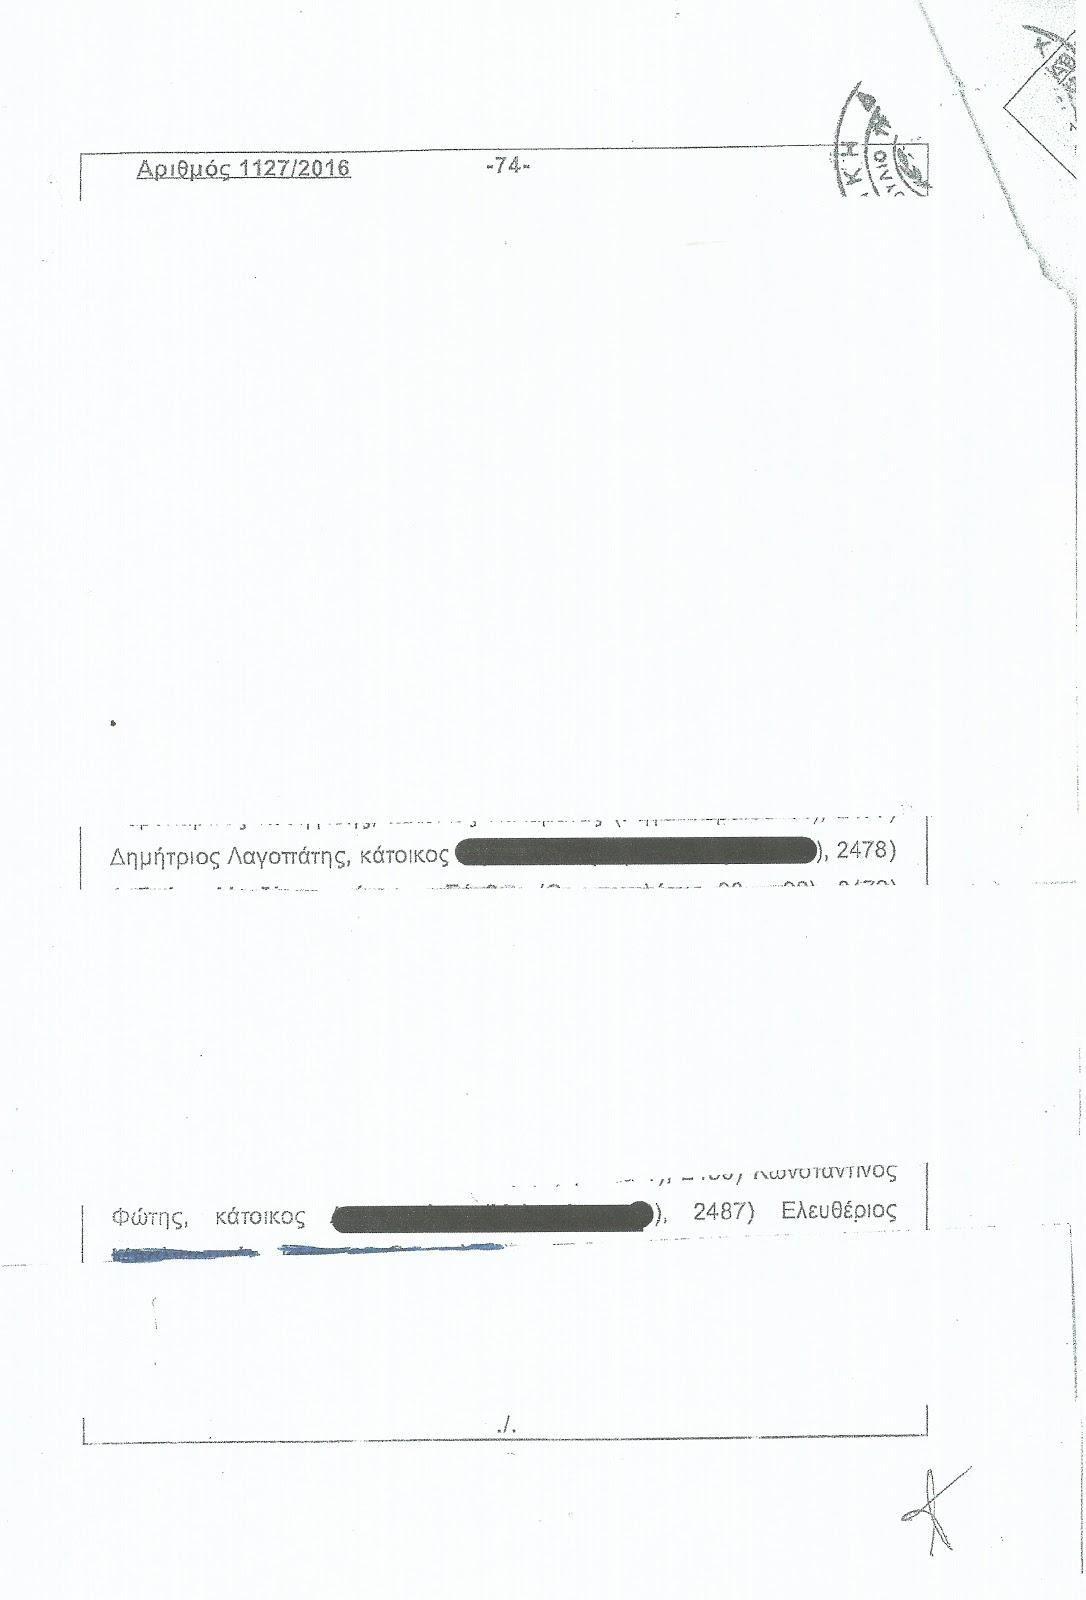 https://2.bp.blogspot.com/-ch5nPnr9xH4/WJ2dIBcHI9I/AAAAAAAADJk/HUwjImmo1FkJGCNqYPiFSXMCuehfc3cggCEw/s1600/%25CE%25BB%25CE%25B1%25CE%25B3%25CE%25BF%25CF%2580%25CE%25B1%25CF%2584%25CE%25B7%25CF%2582.jpg